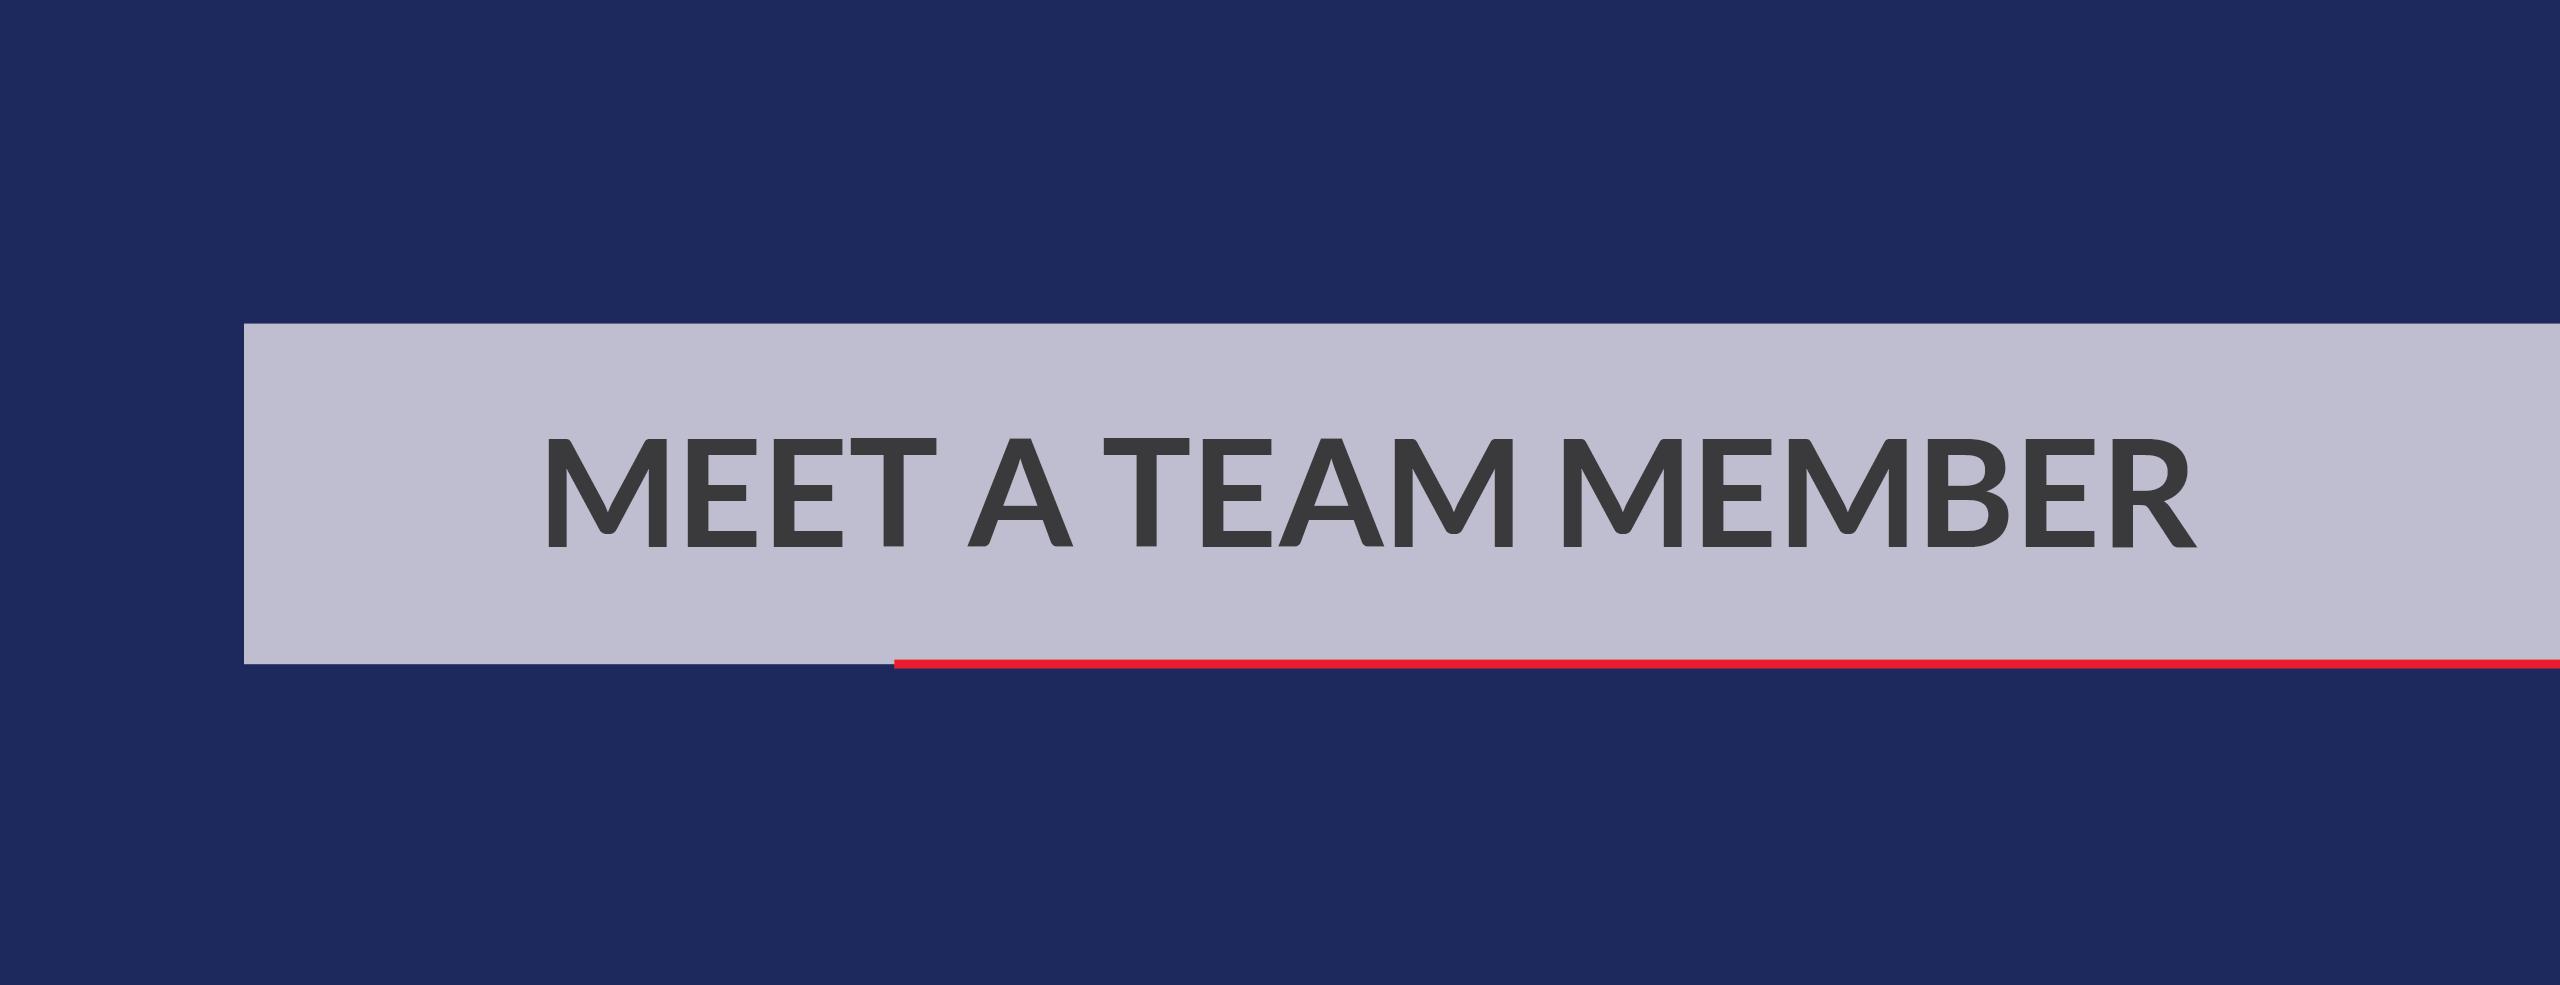 Meet a Team Member